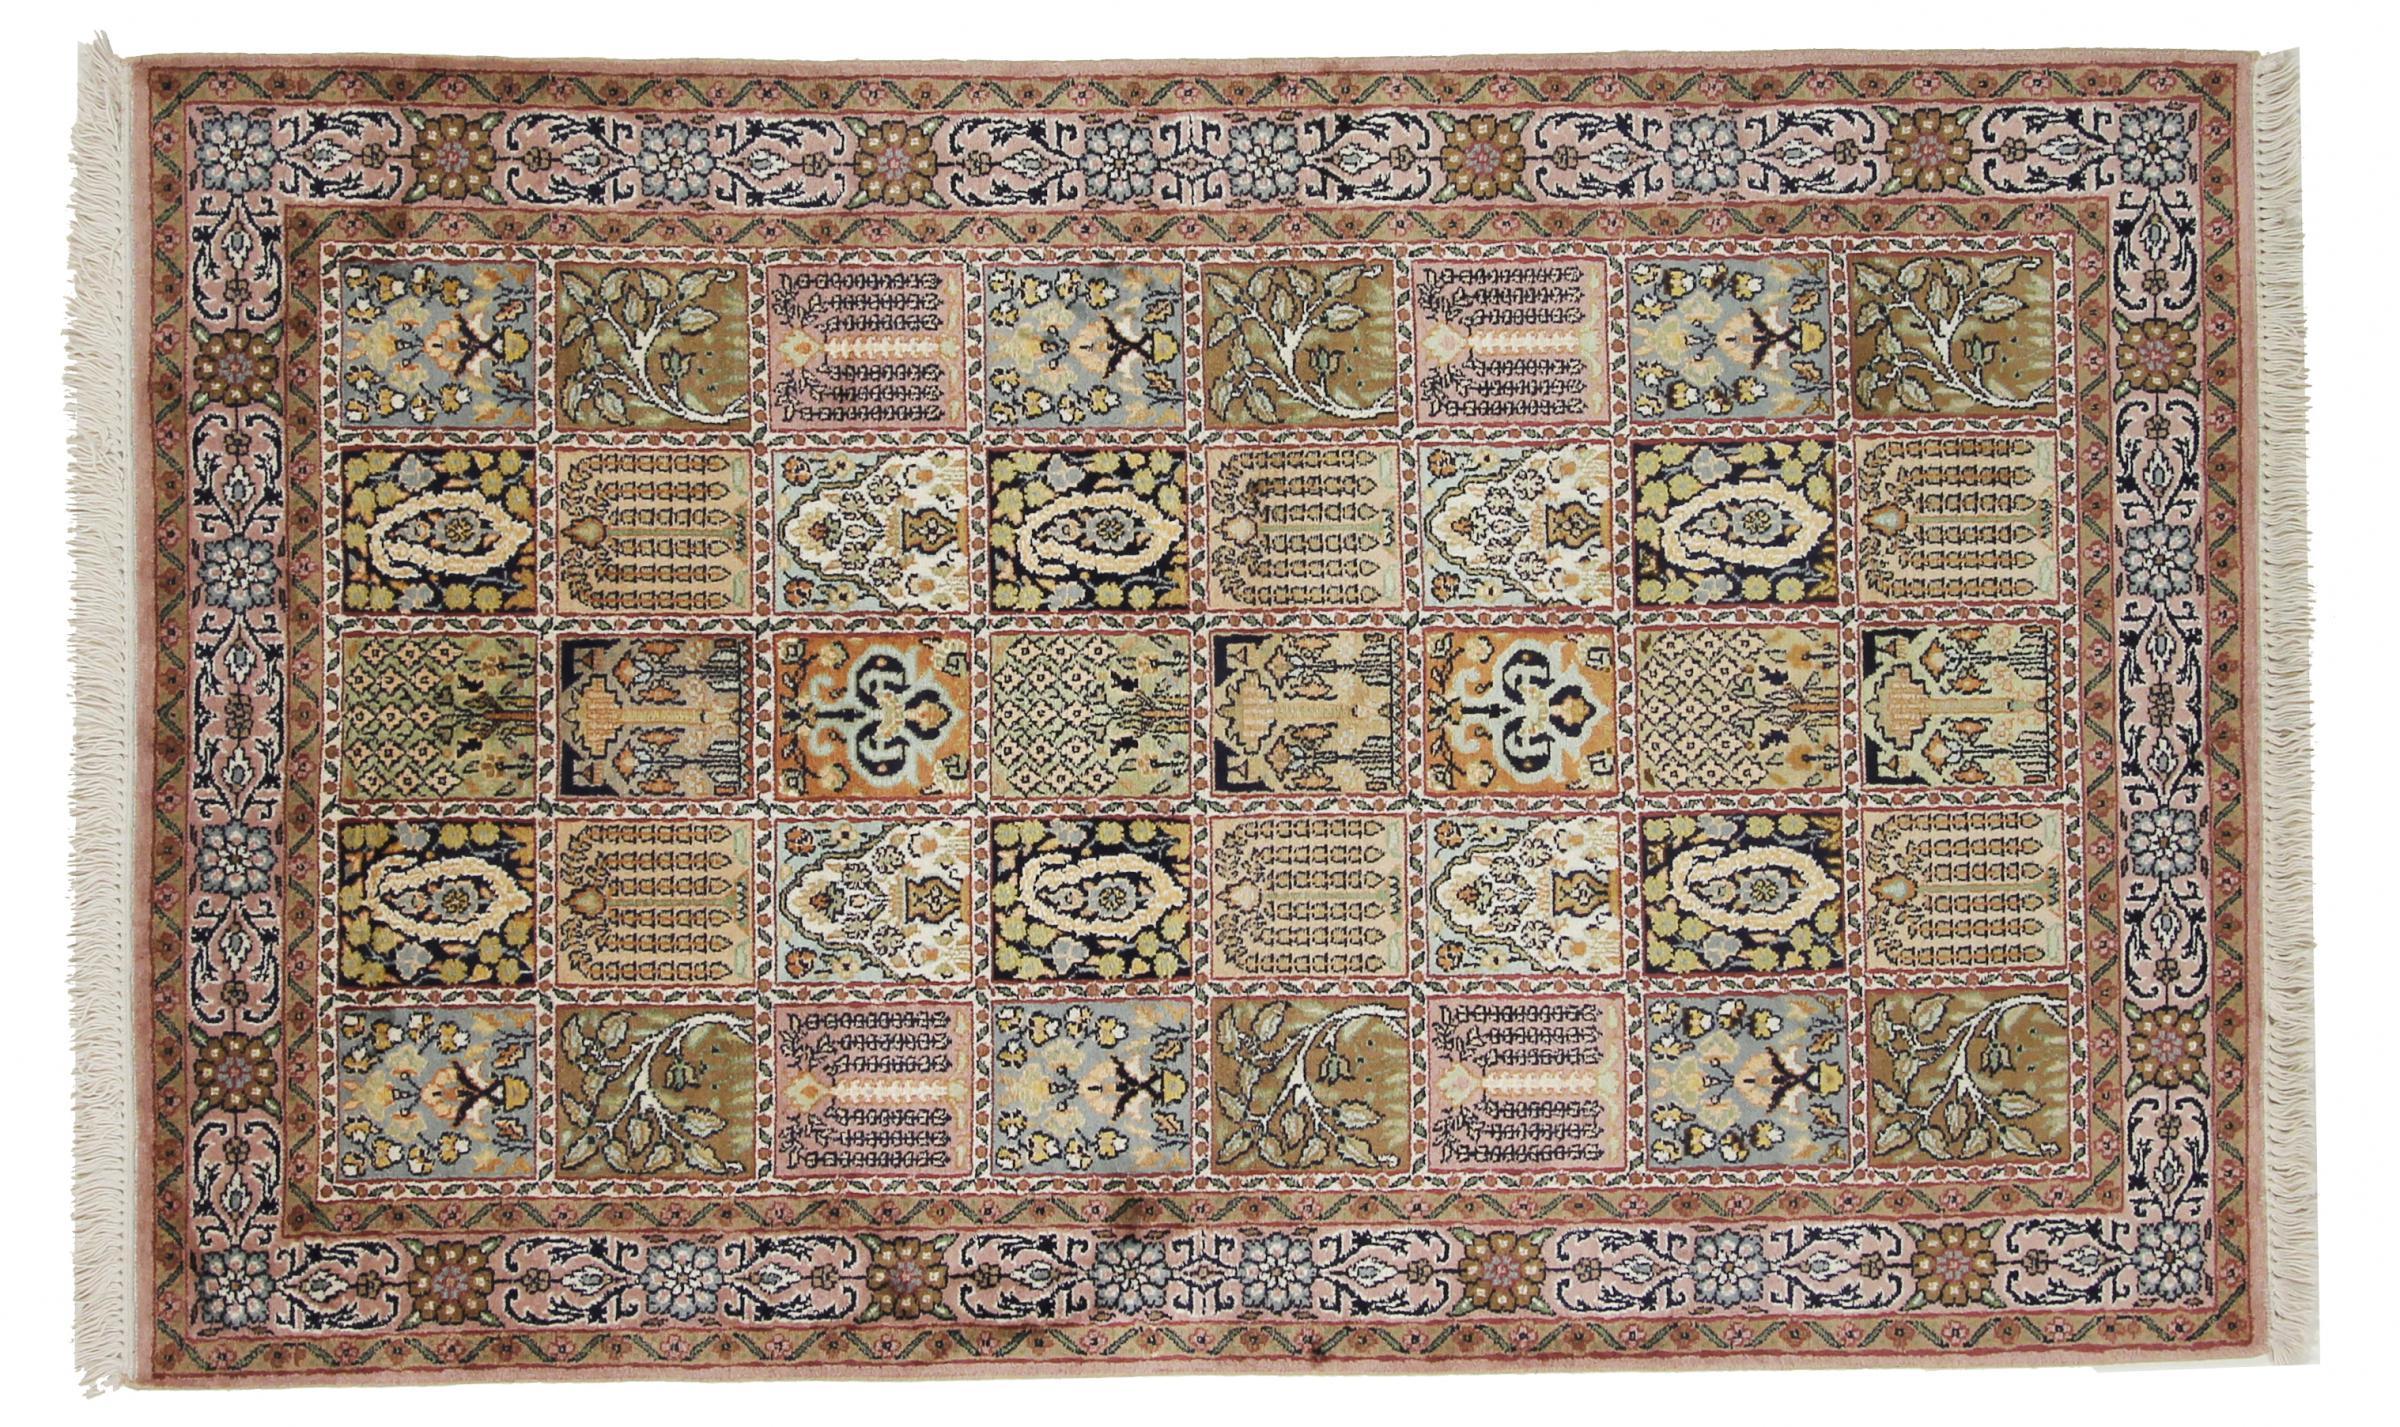 kaschmir reine seide indischer teppich 152x95 id33284. Black Bedroom Furniture Sets. Home Design Ideas